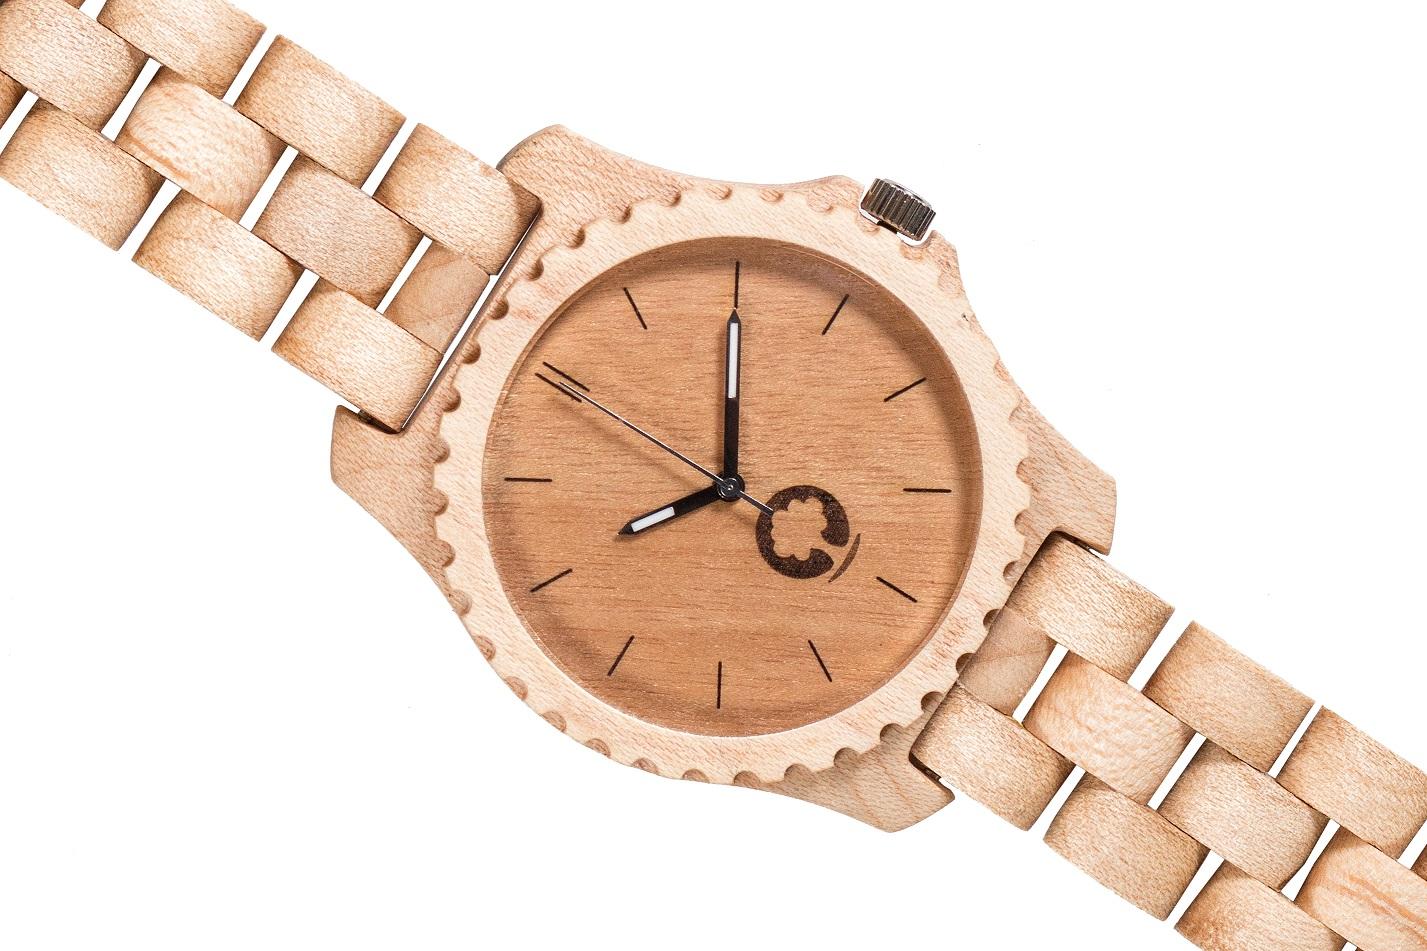 Drewniany zegarek Urban Maple 3